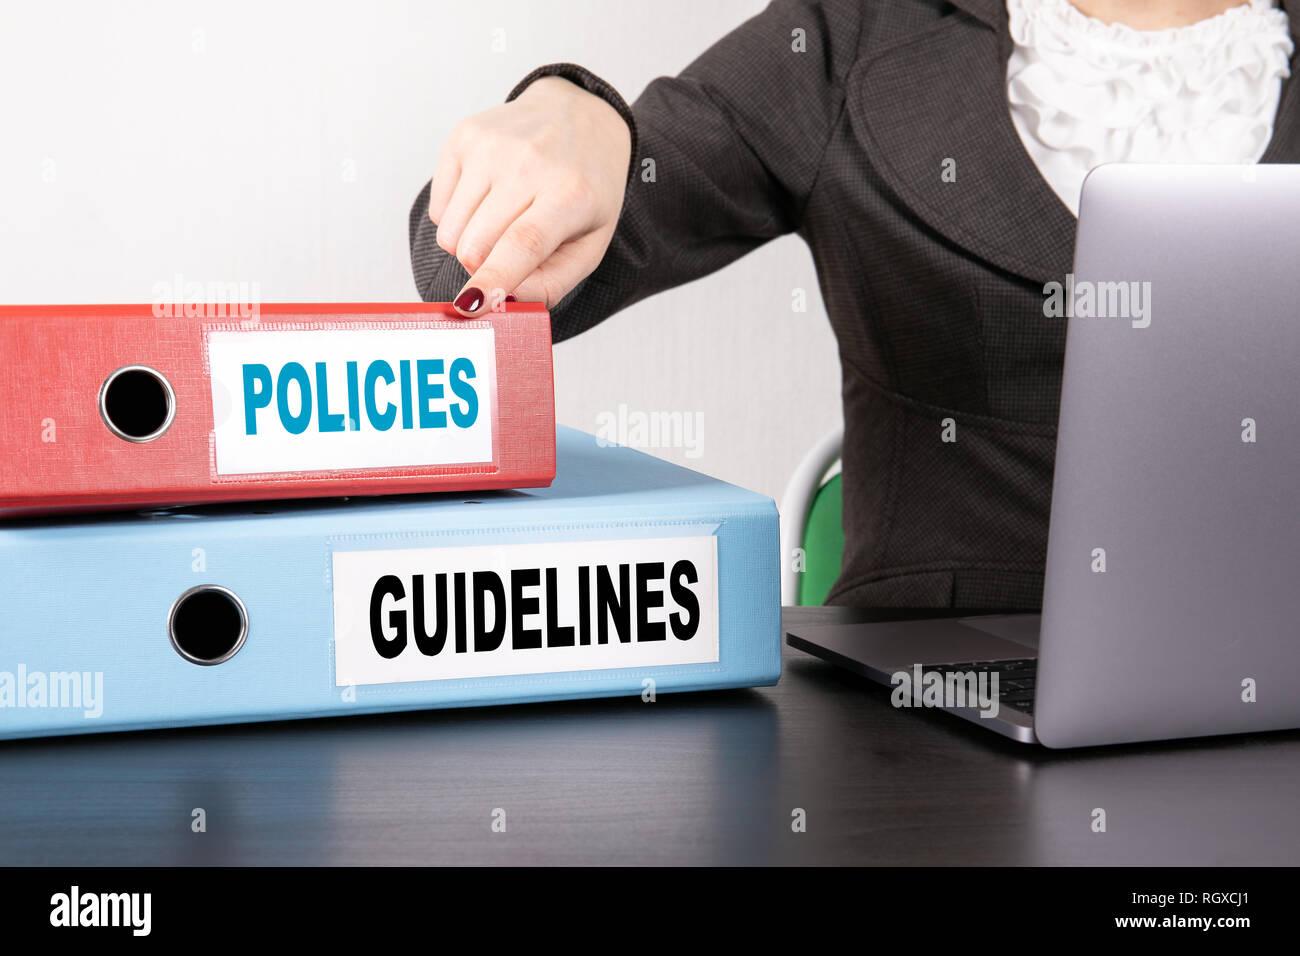 Políticas y directrices concepto Imagen De Stock